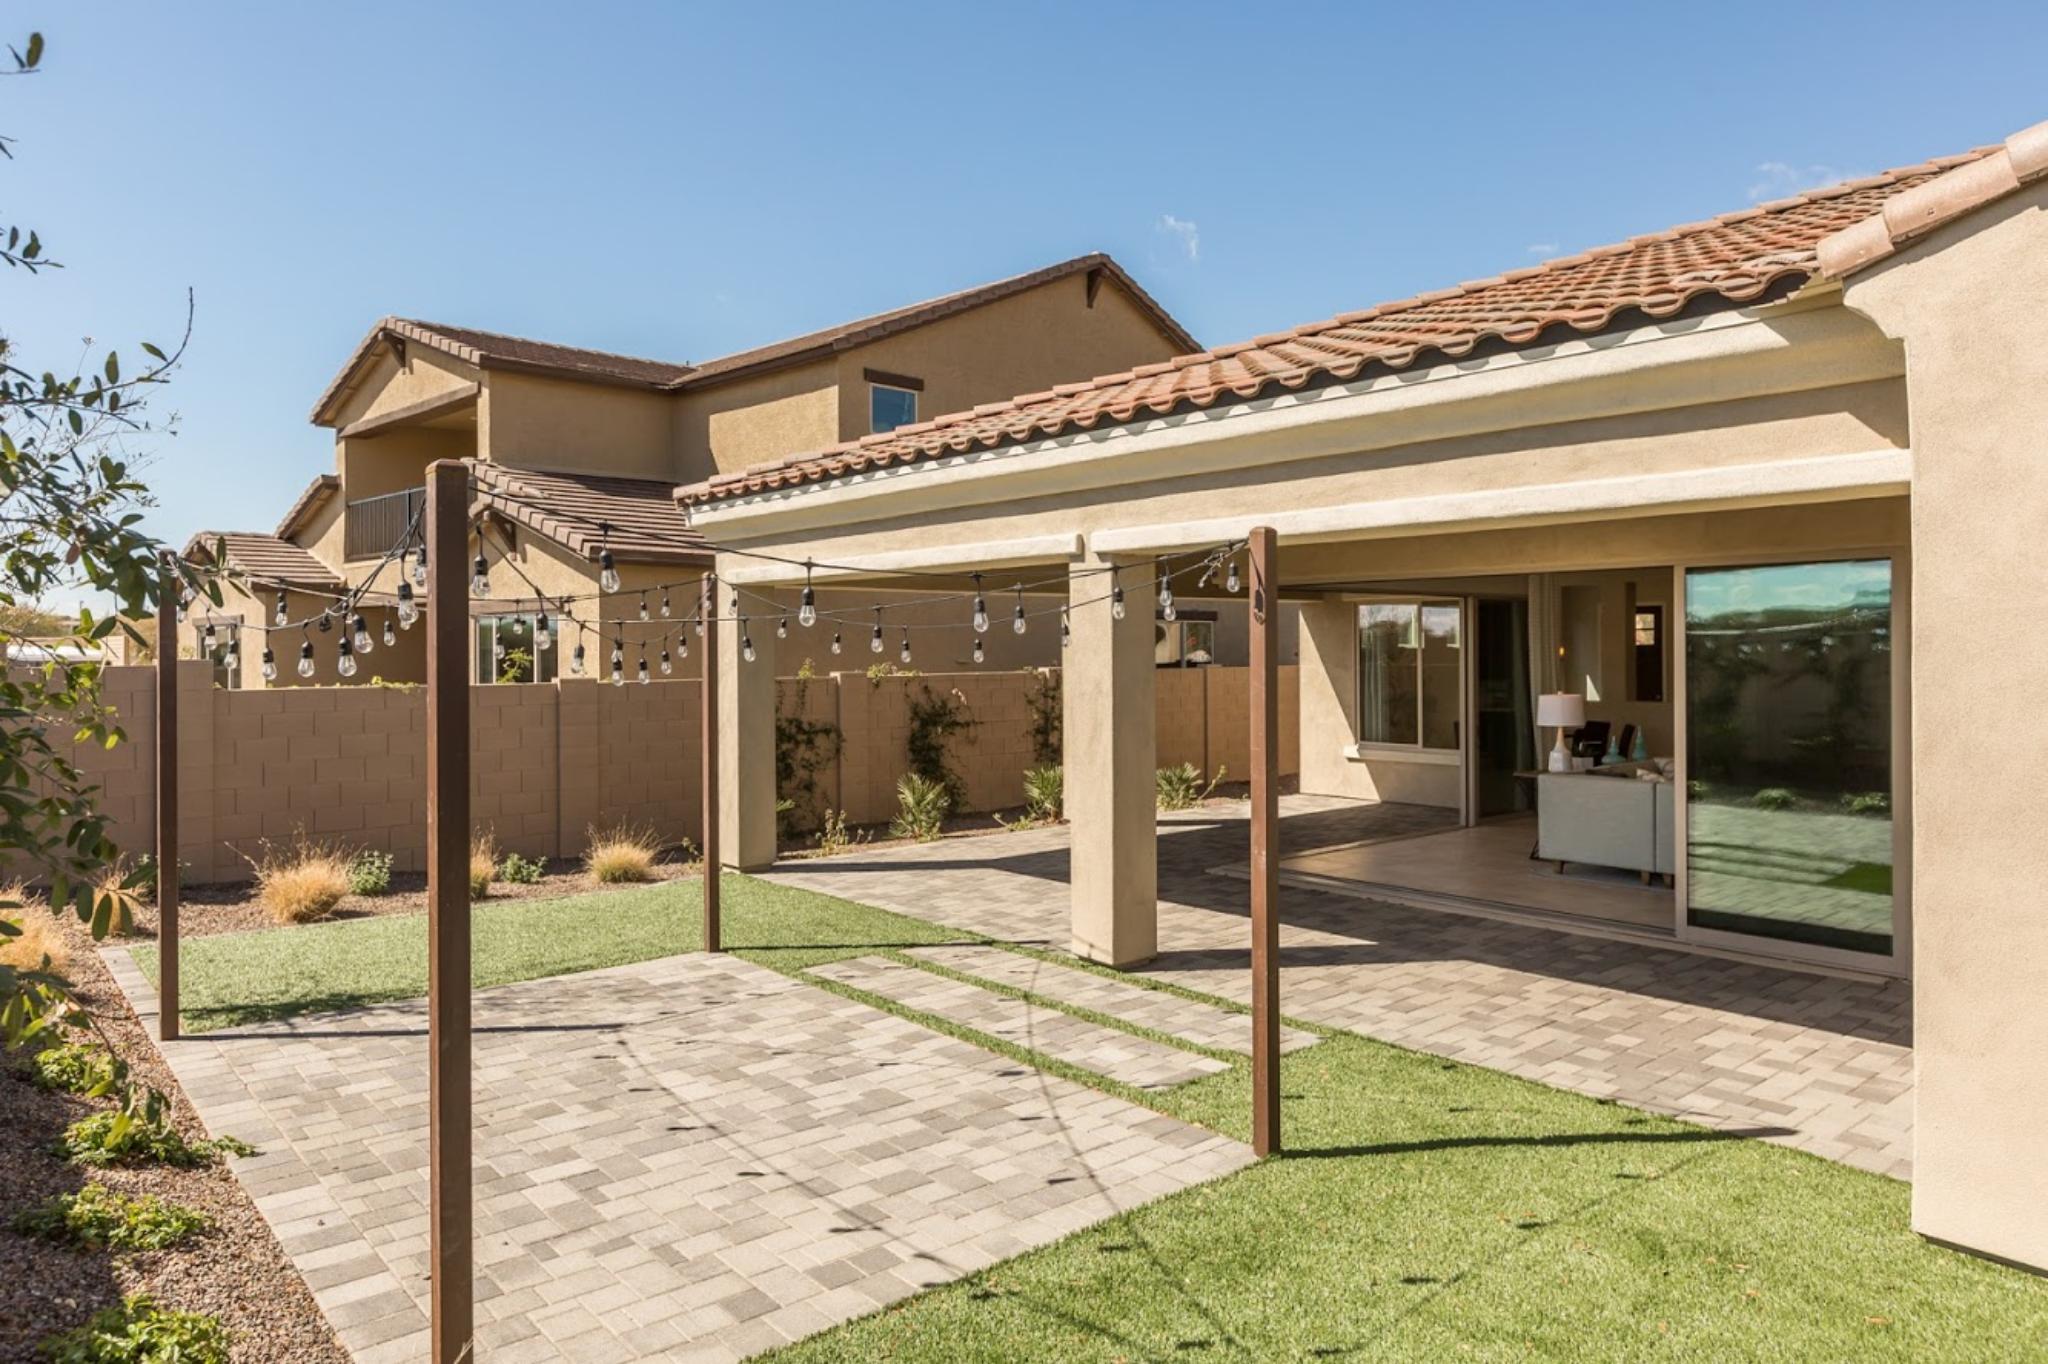 Cordoba at Montecito in Estrella | New Home Community in Goodyear, AZ